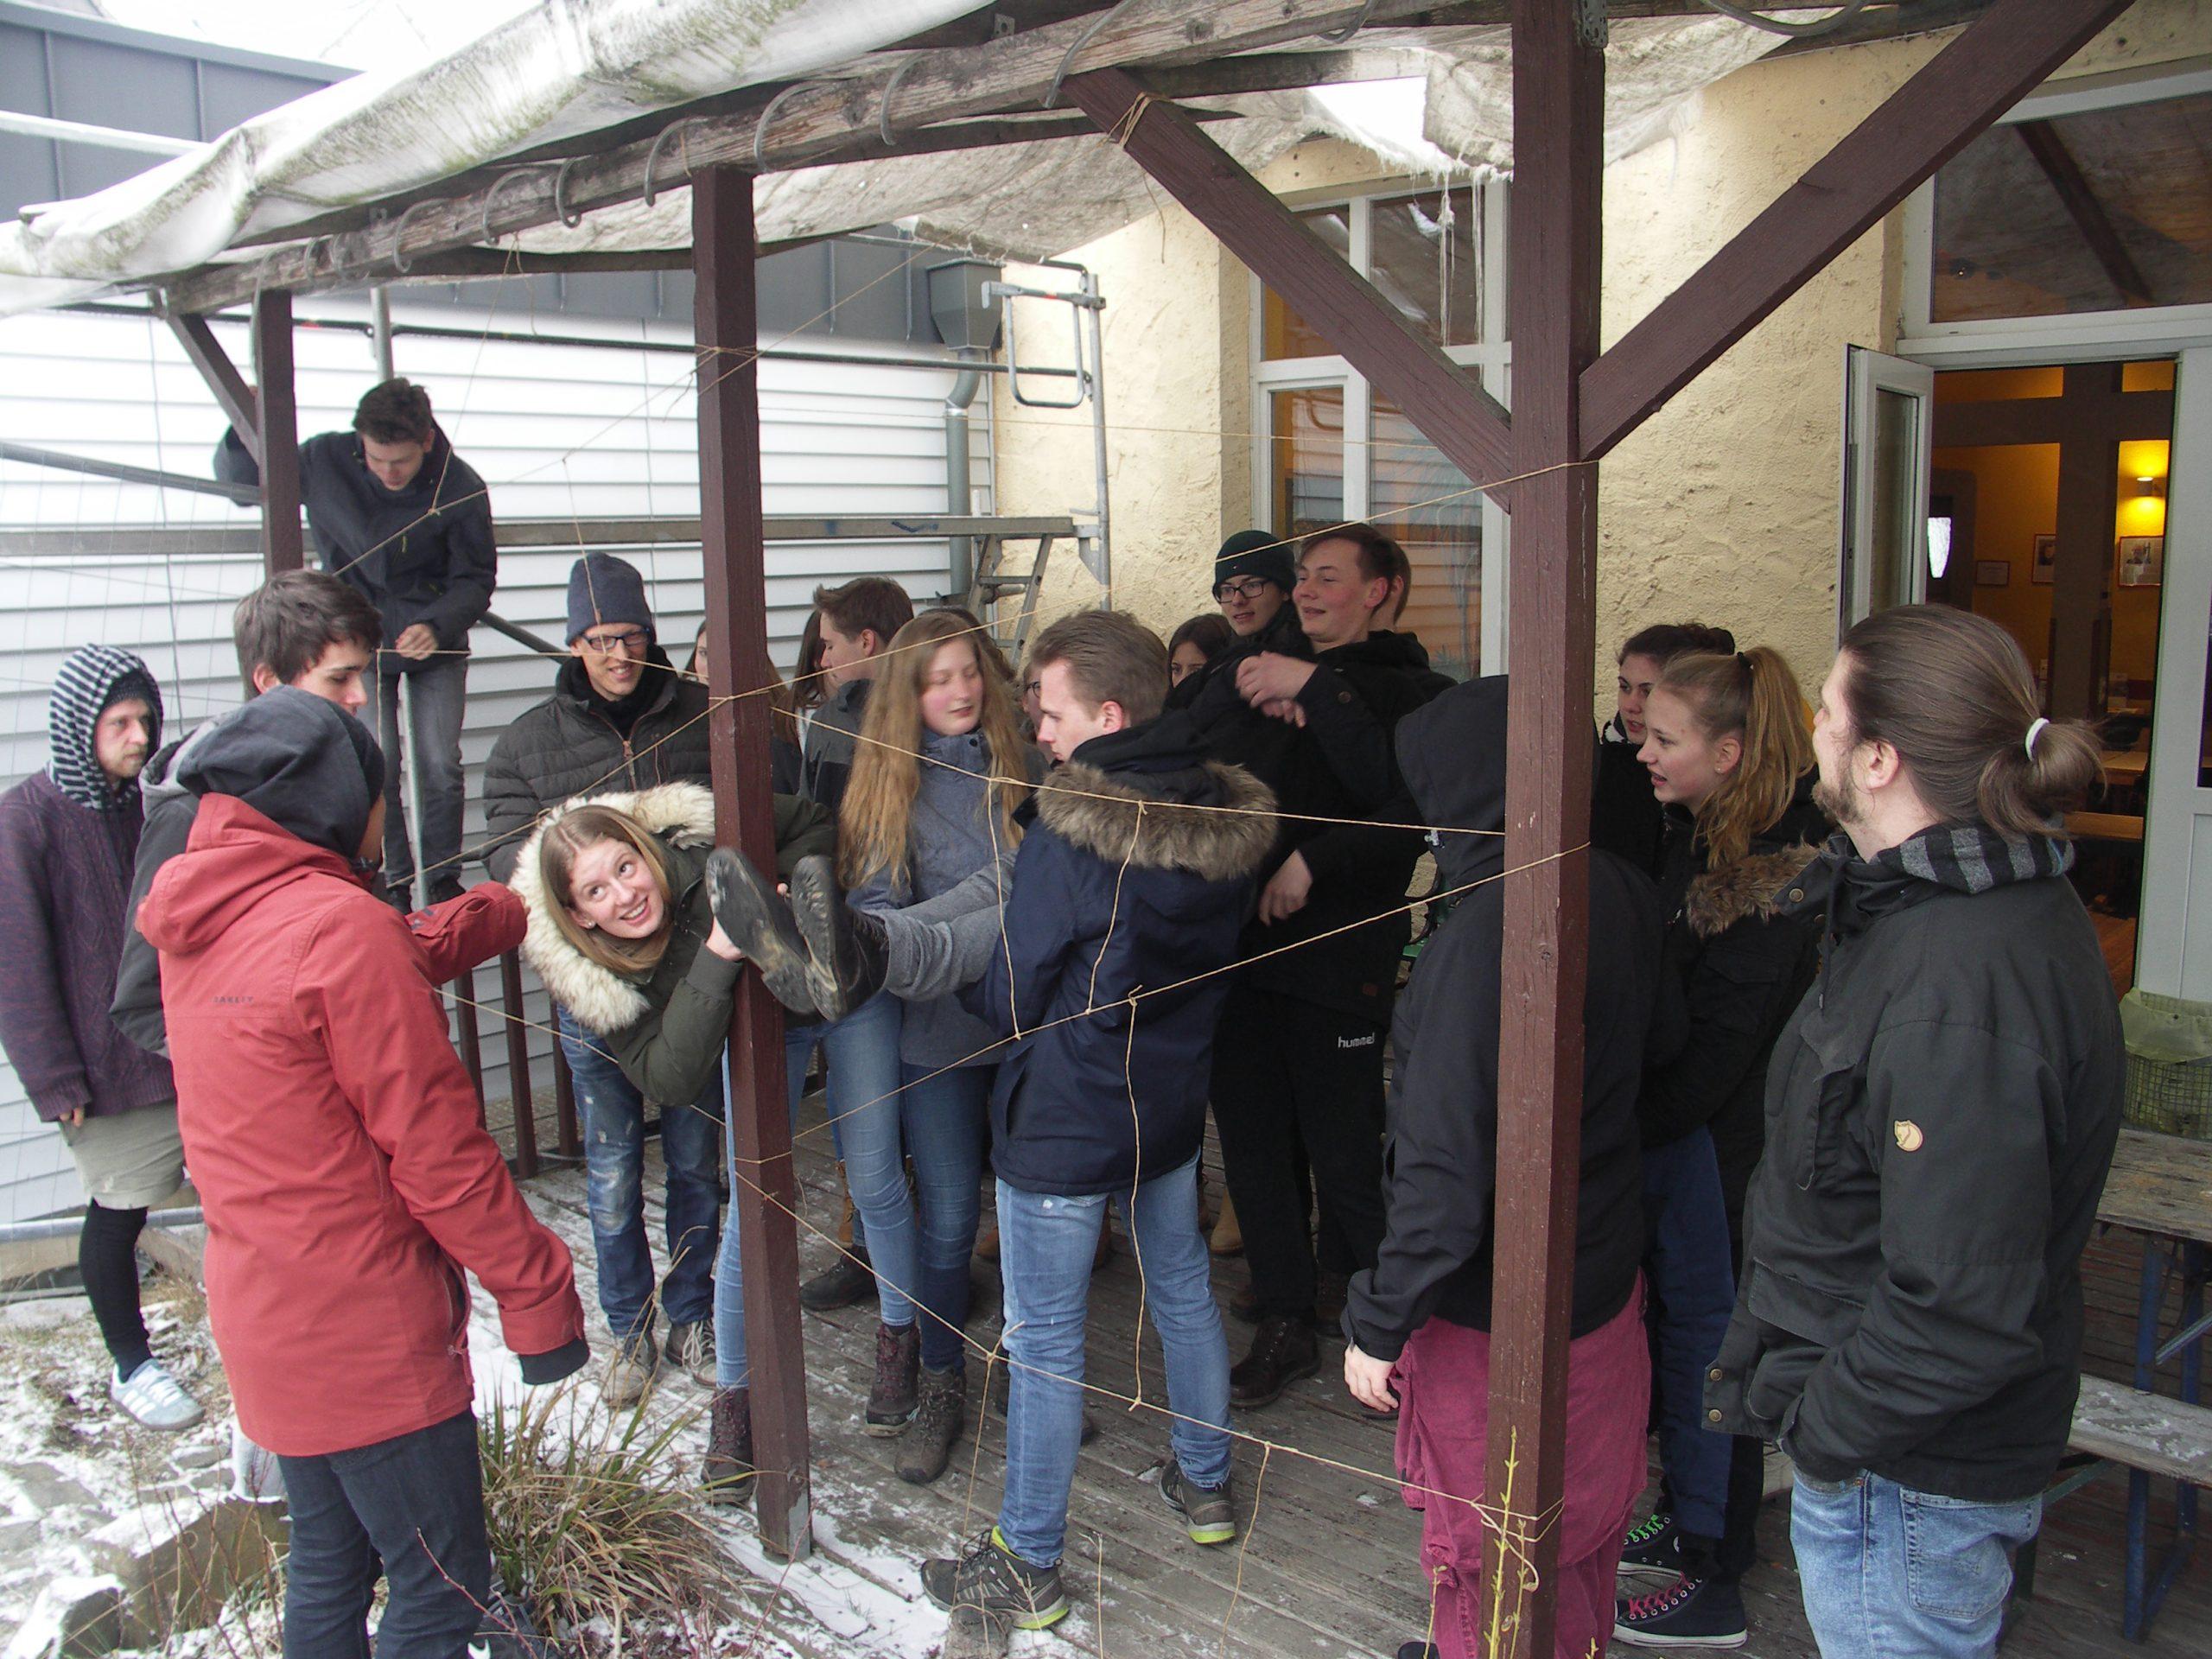 Evangelischer Jugendring Wiesbaden